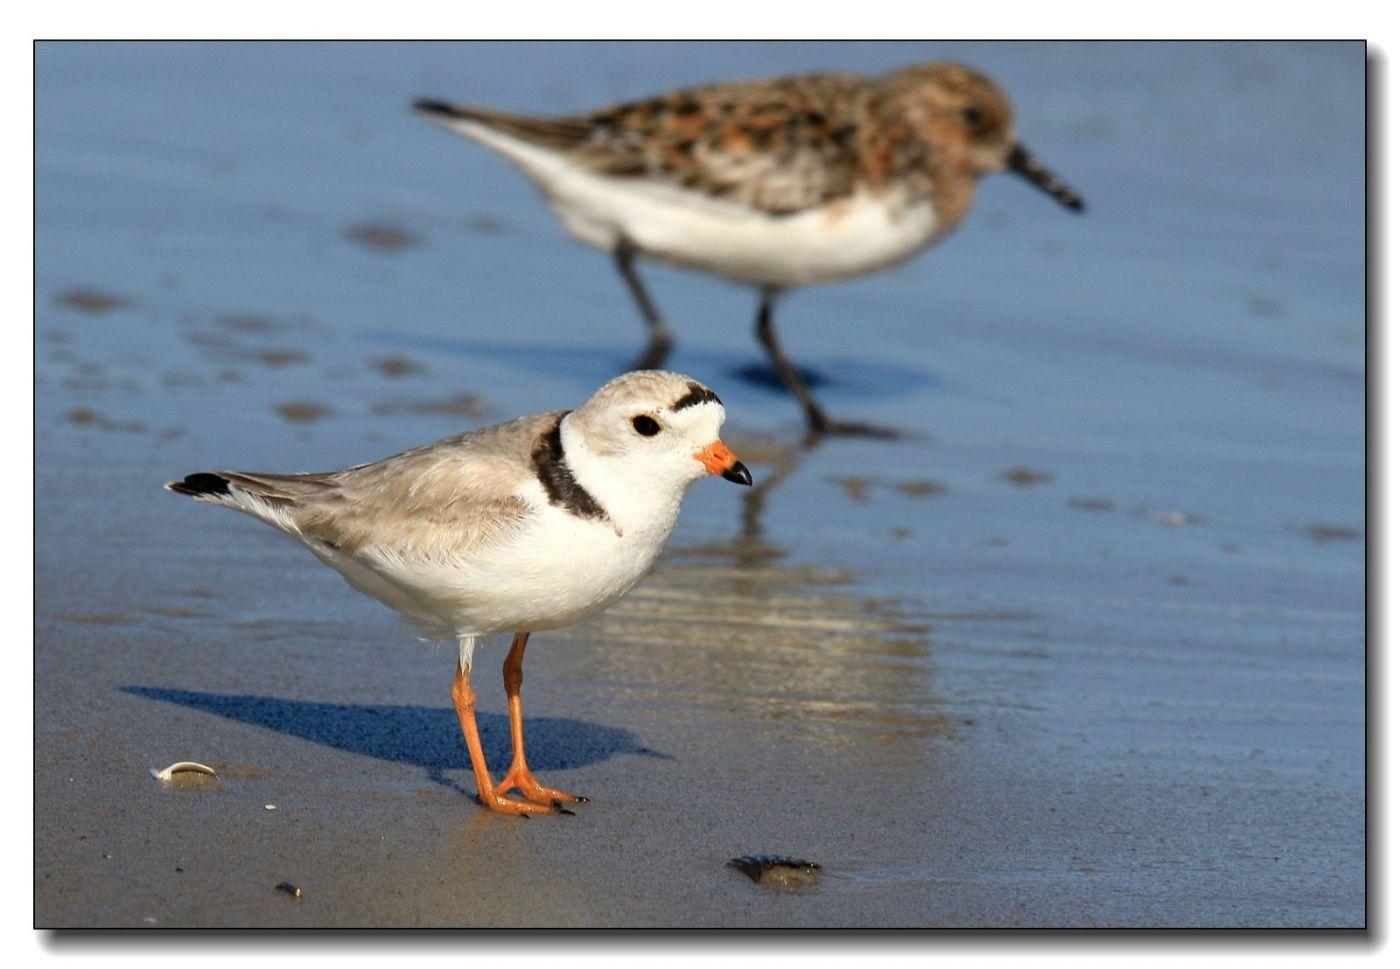 洛克威海滩拍鸟—环颈鸻_图1-10